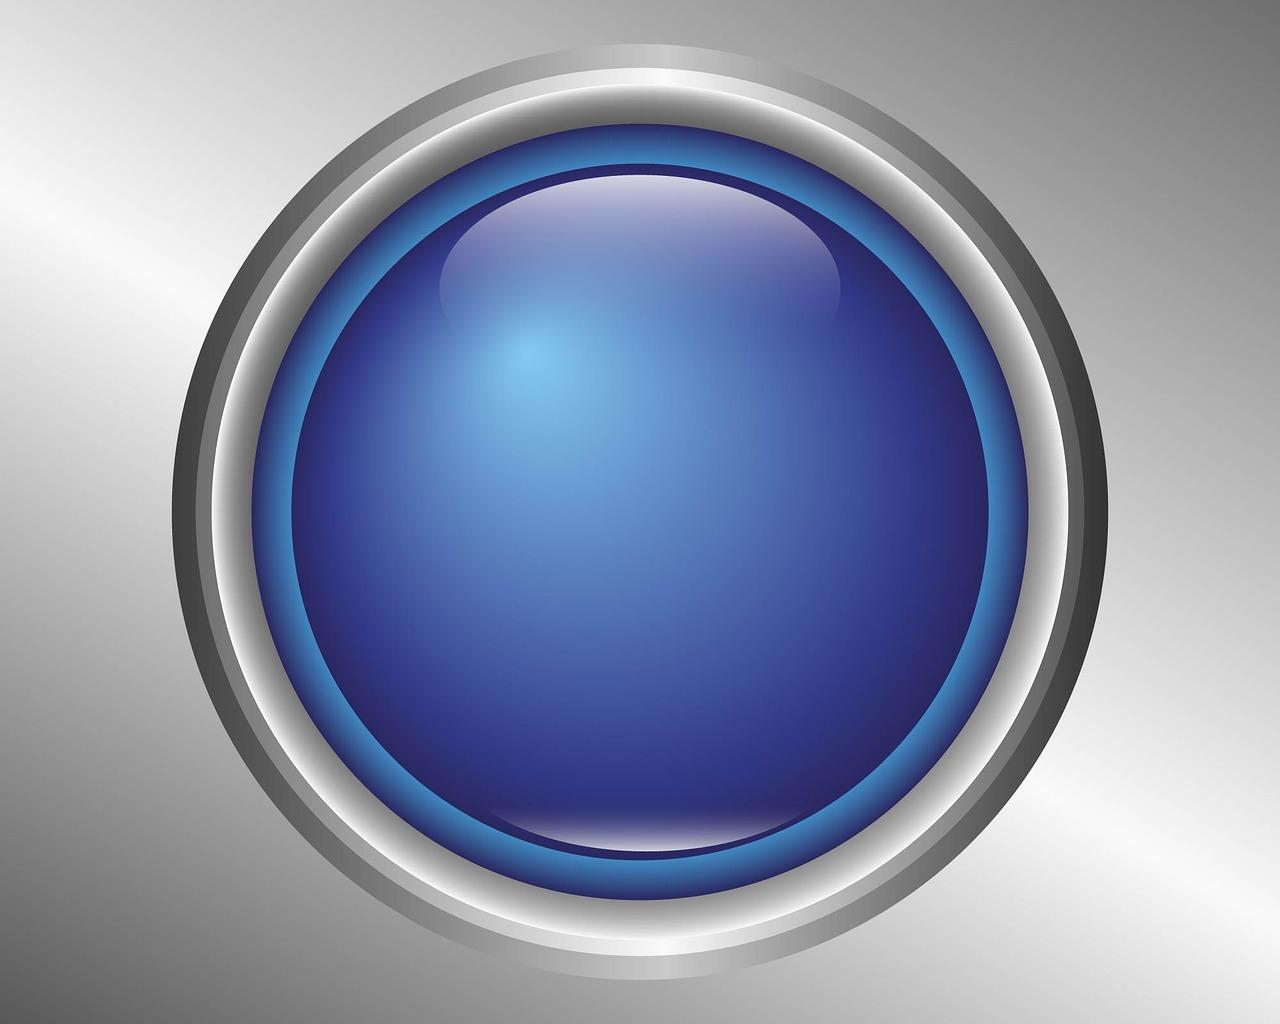 картинки для кнопок на браузер готовы изготовить практически